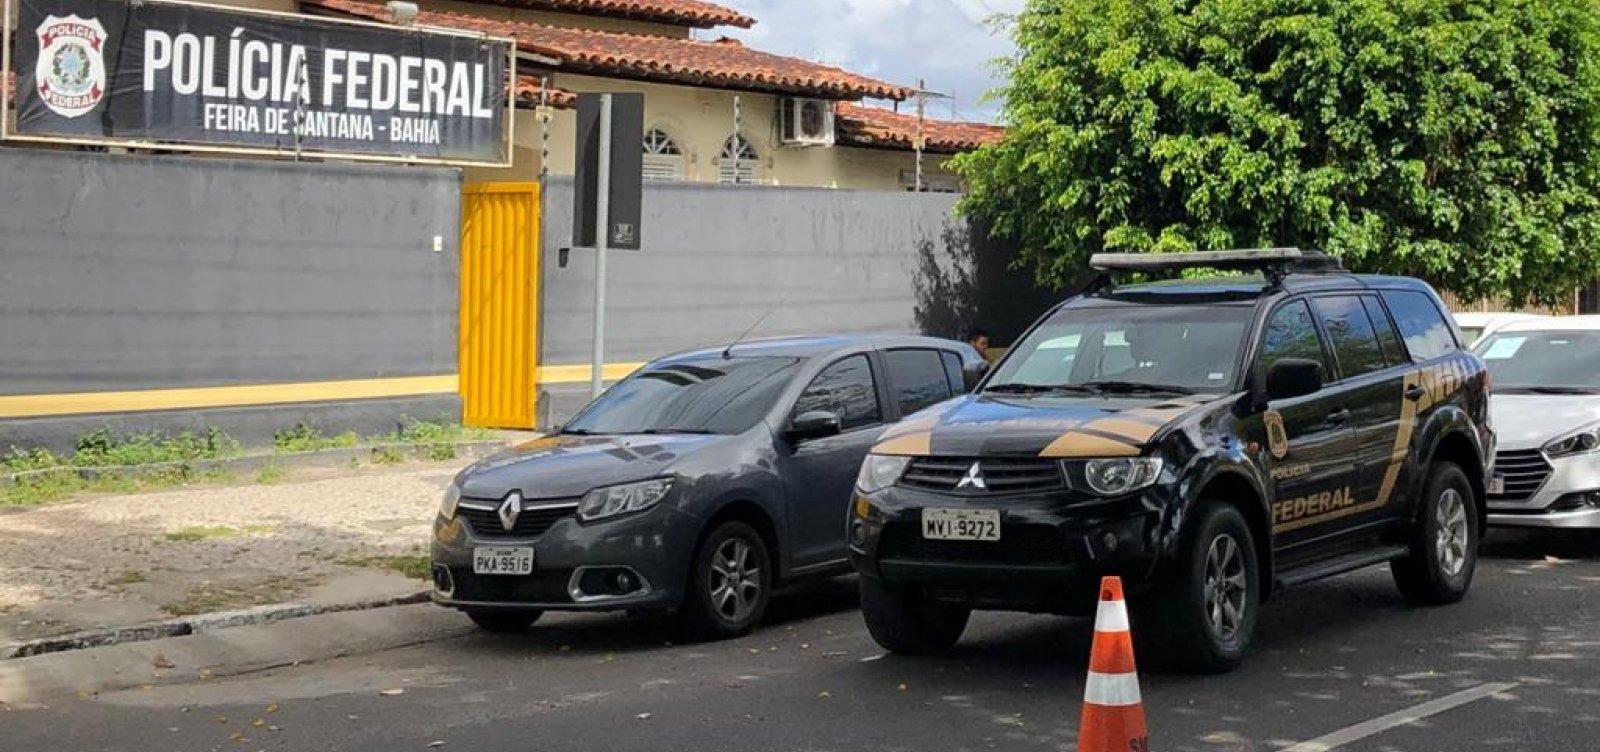 [PF desarticula quadrilha especializada em fraudes contra bancos em Feira de Santana]